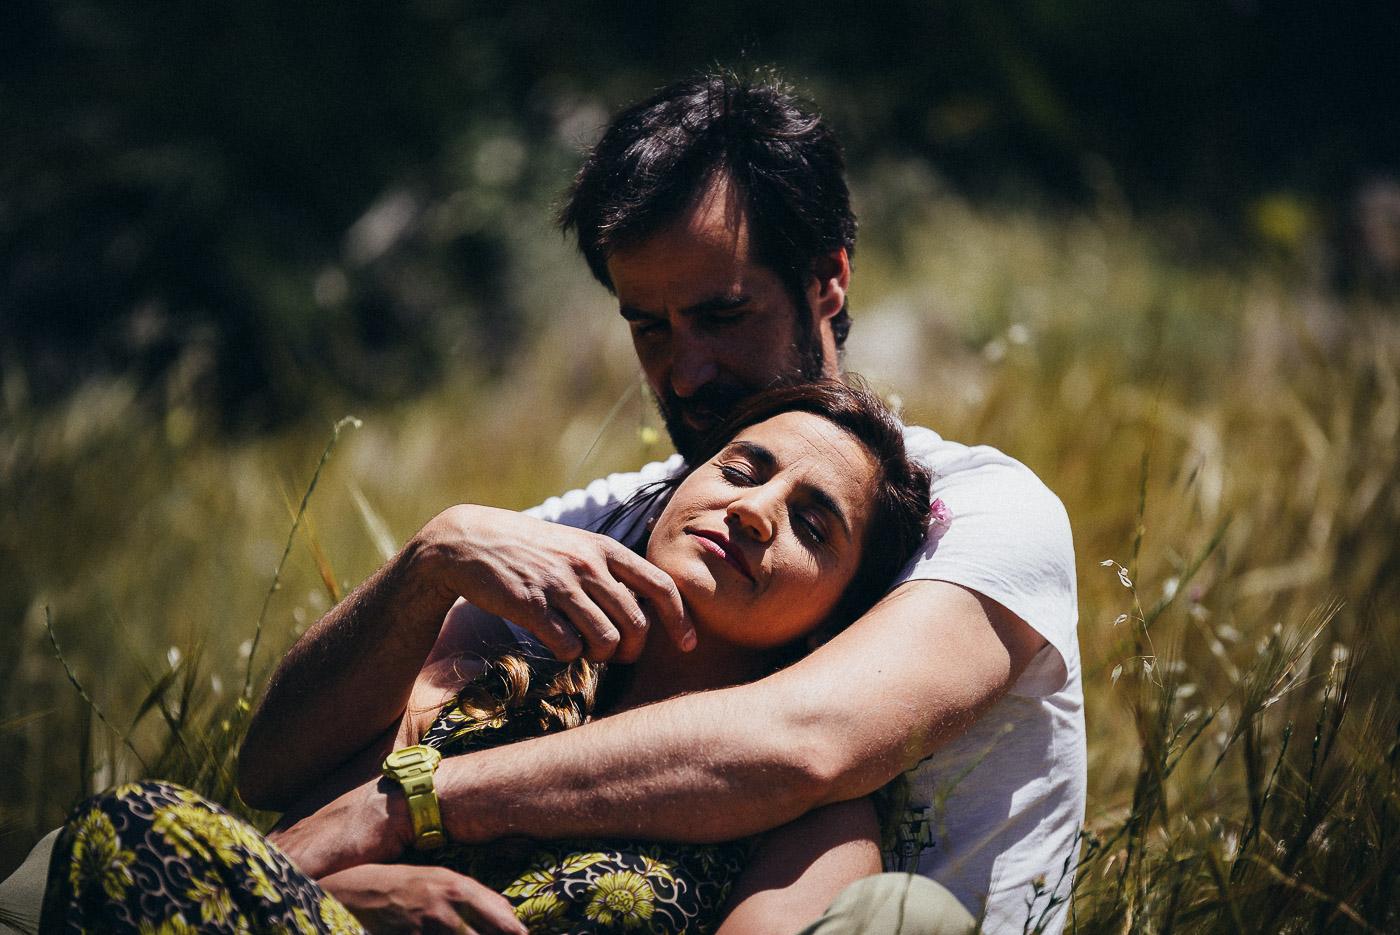 preboda-osuna-chorro-fotografo-manuel-fijo